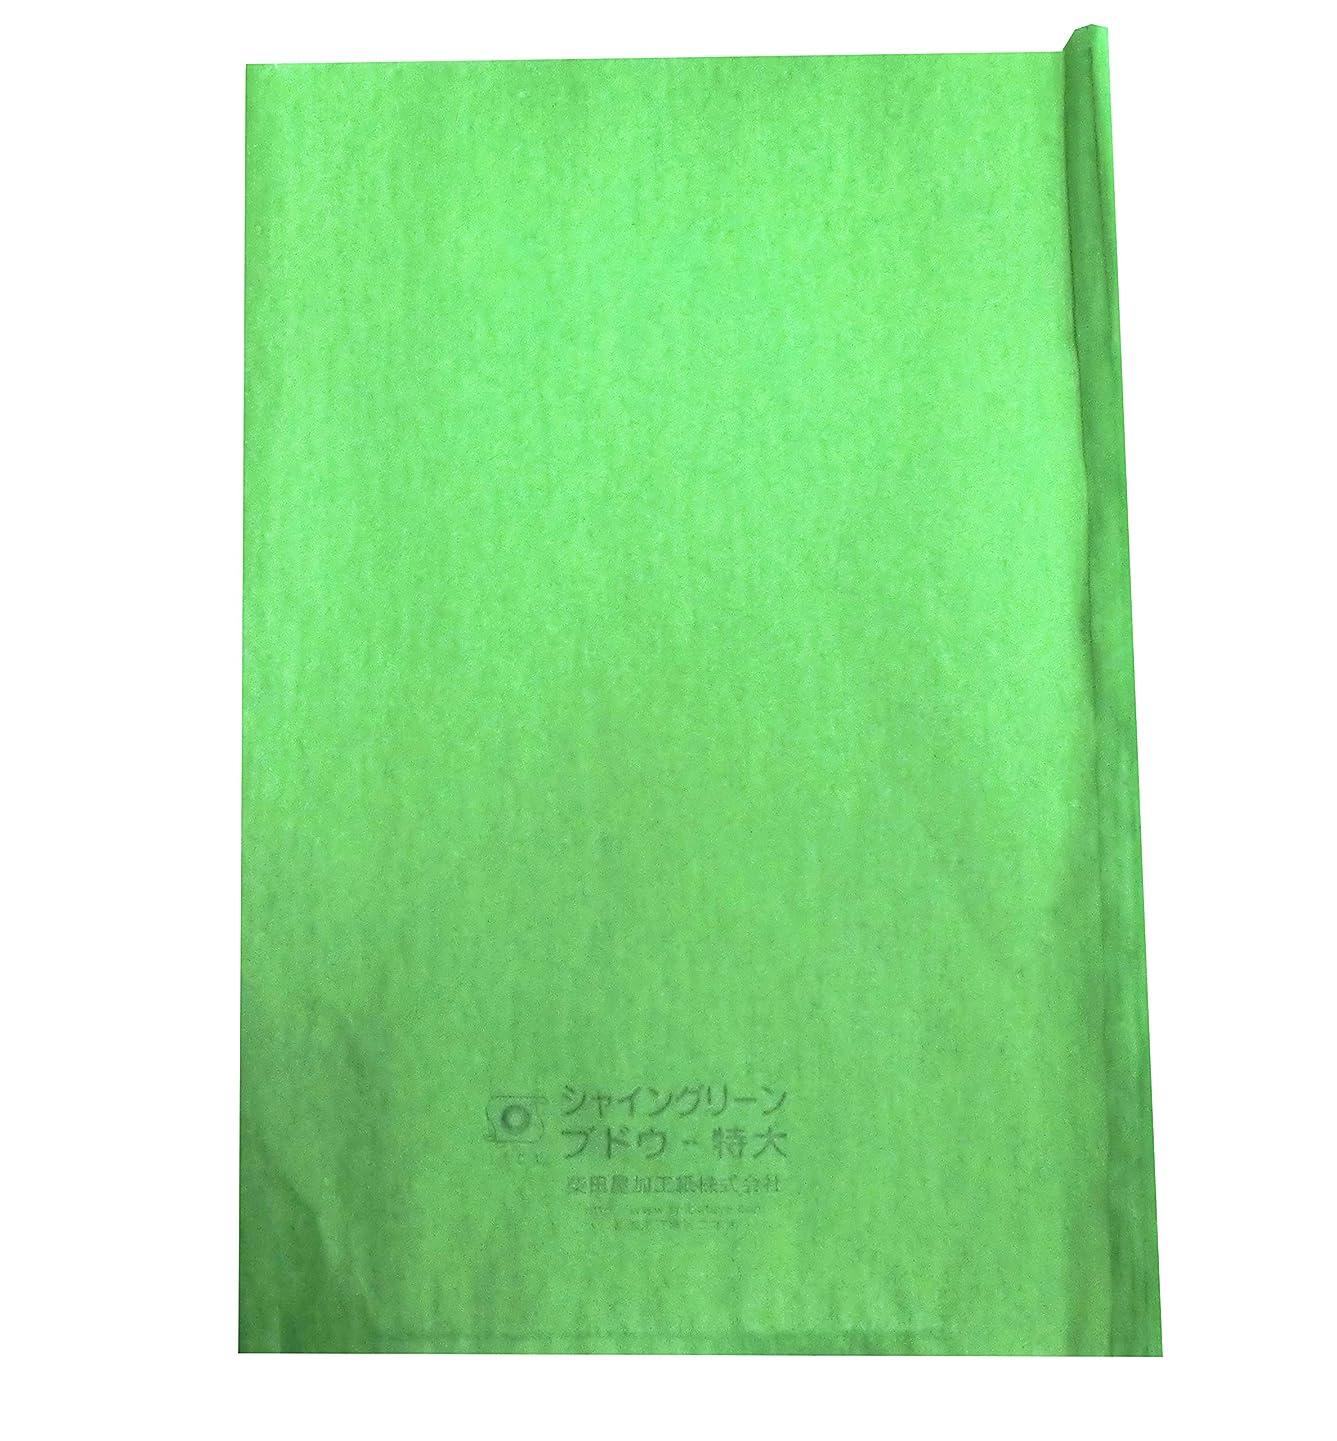 マーティンルーサーキングジュニア嫌な投資する緑ぶどう 専用 シャイングリーン ブドウ袋 特大 218×315mm (100枚入)